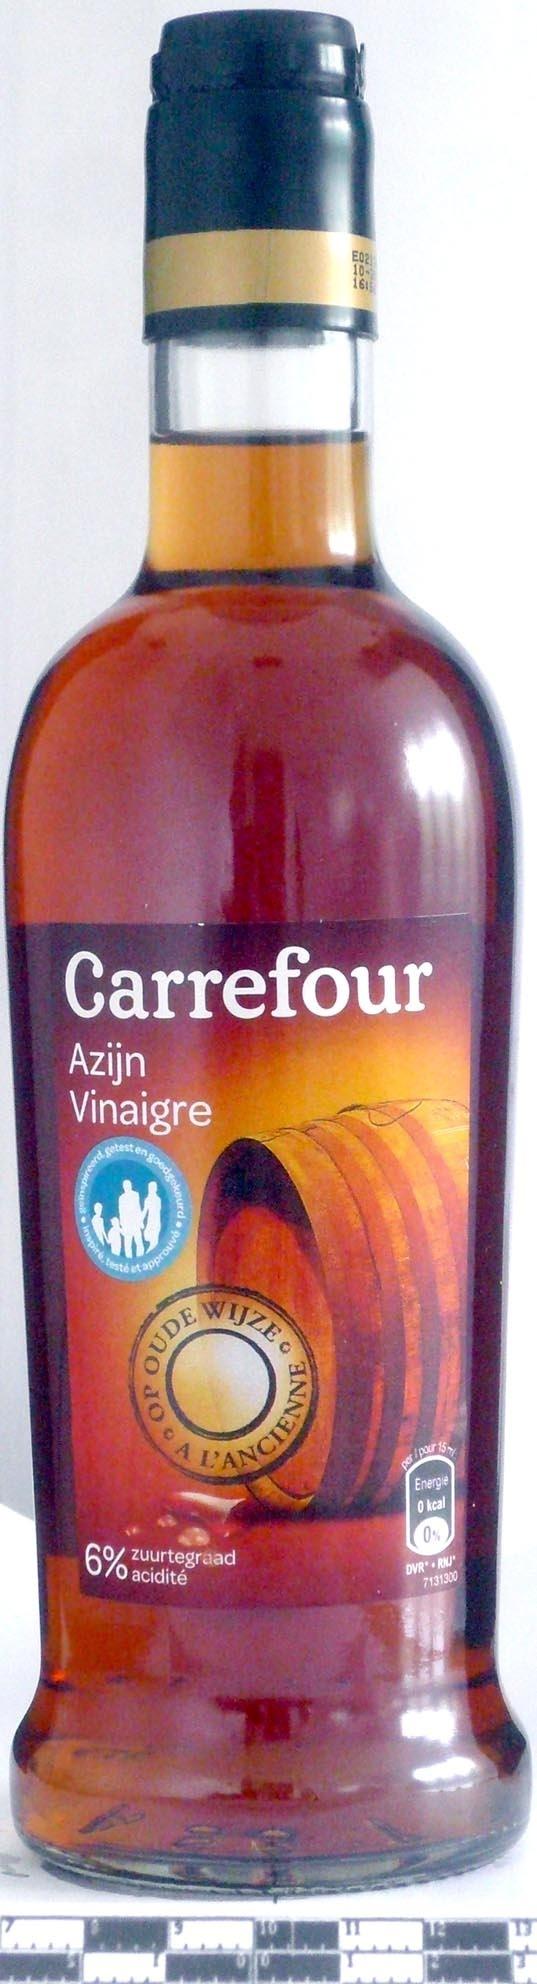 Vinaigre (6% acidité) - Product